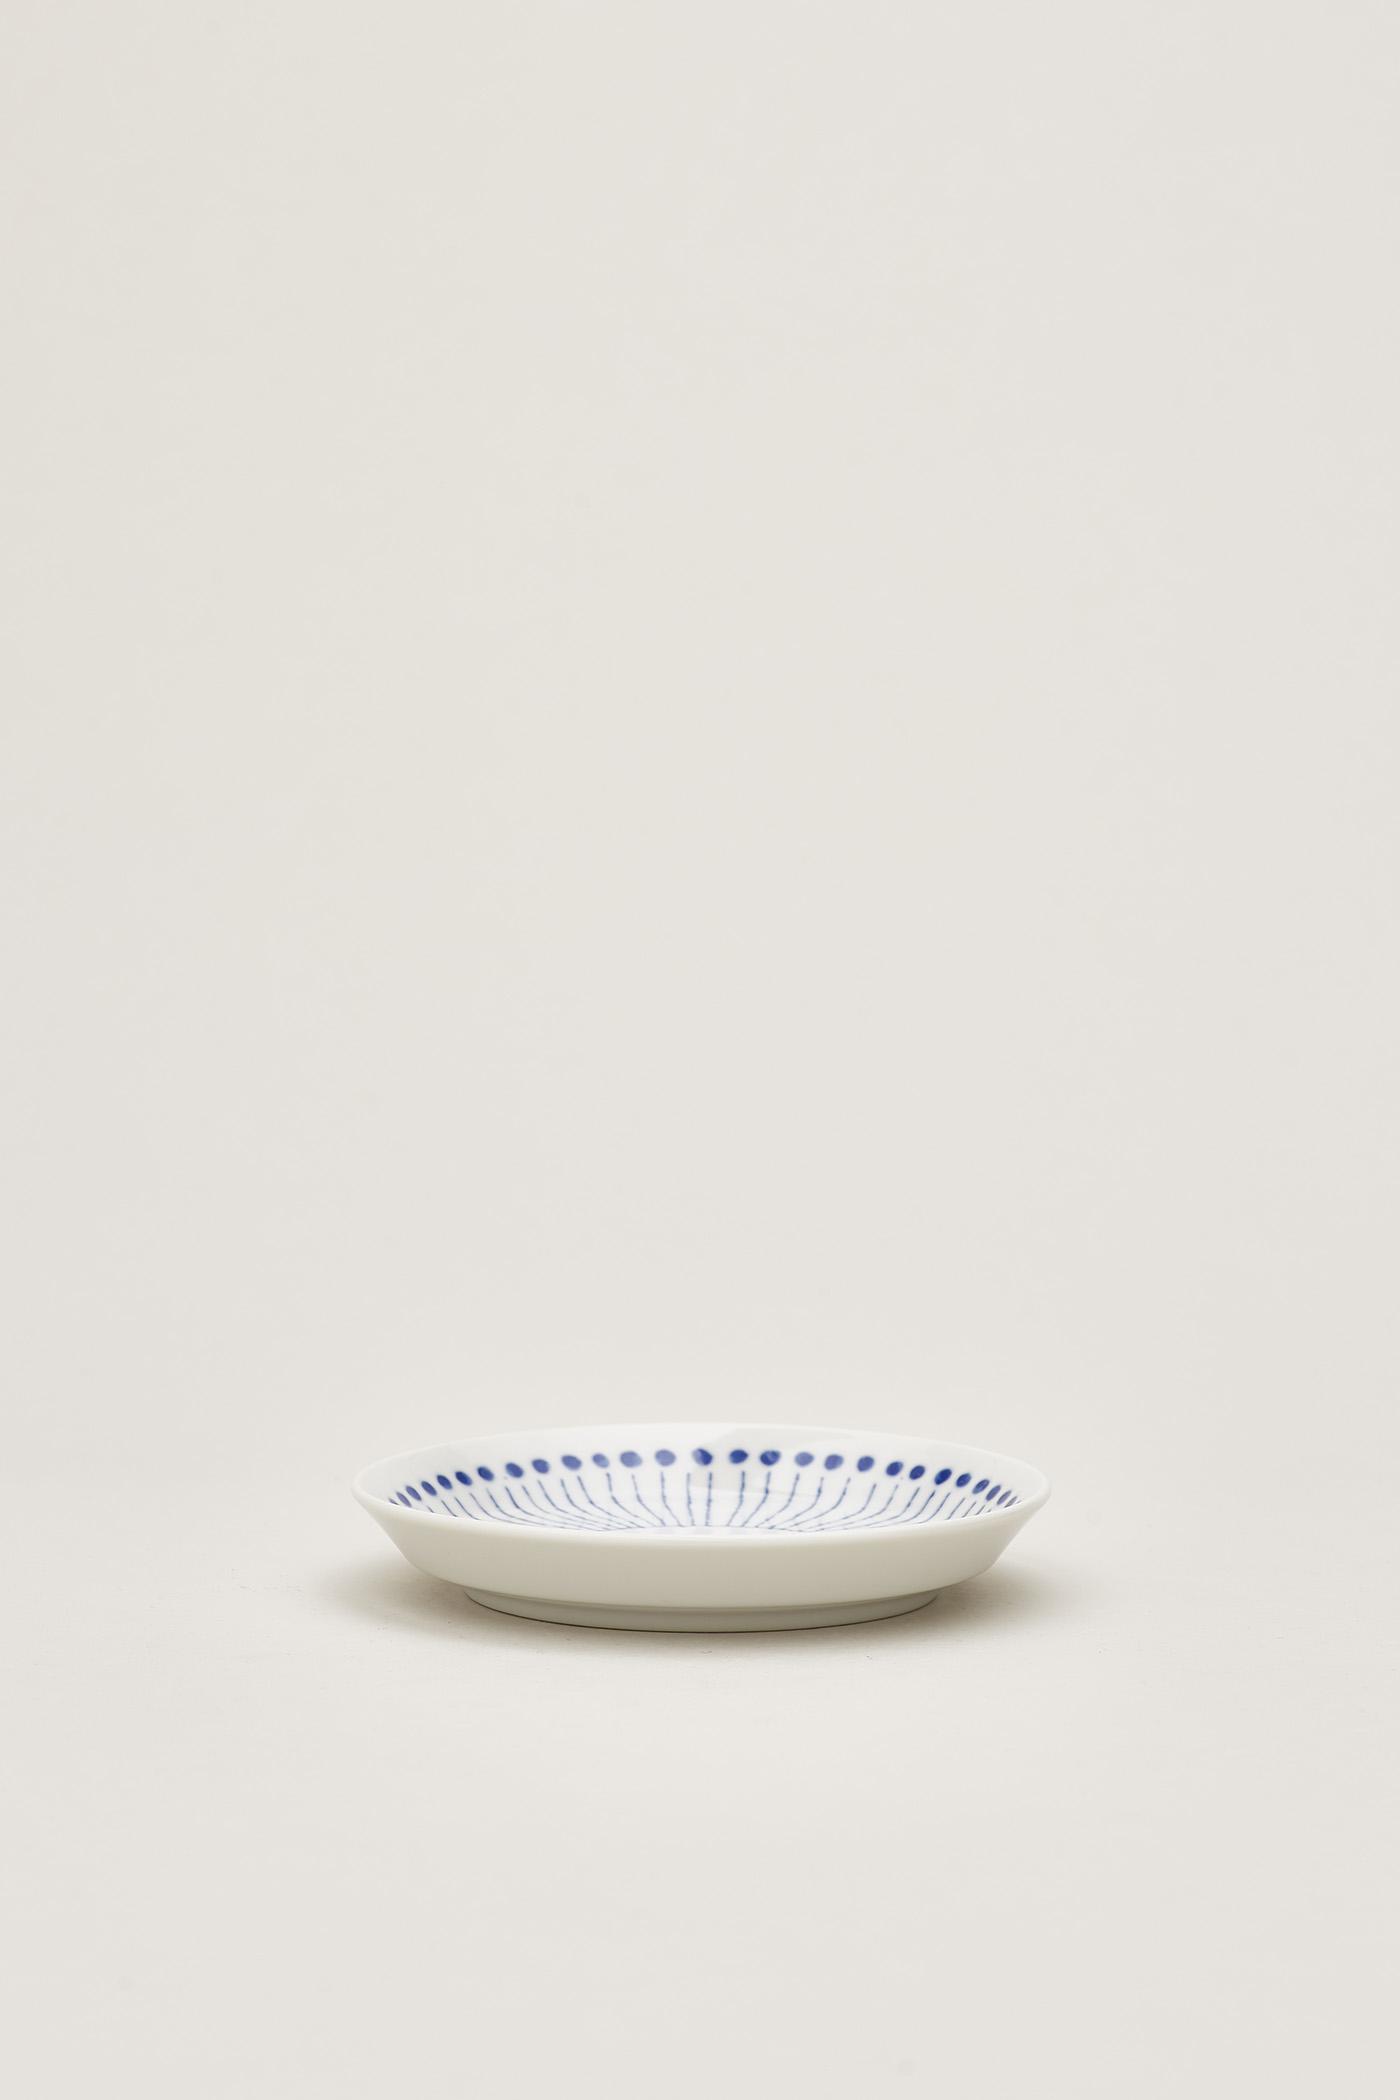 Hanako Small Dish